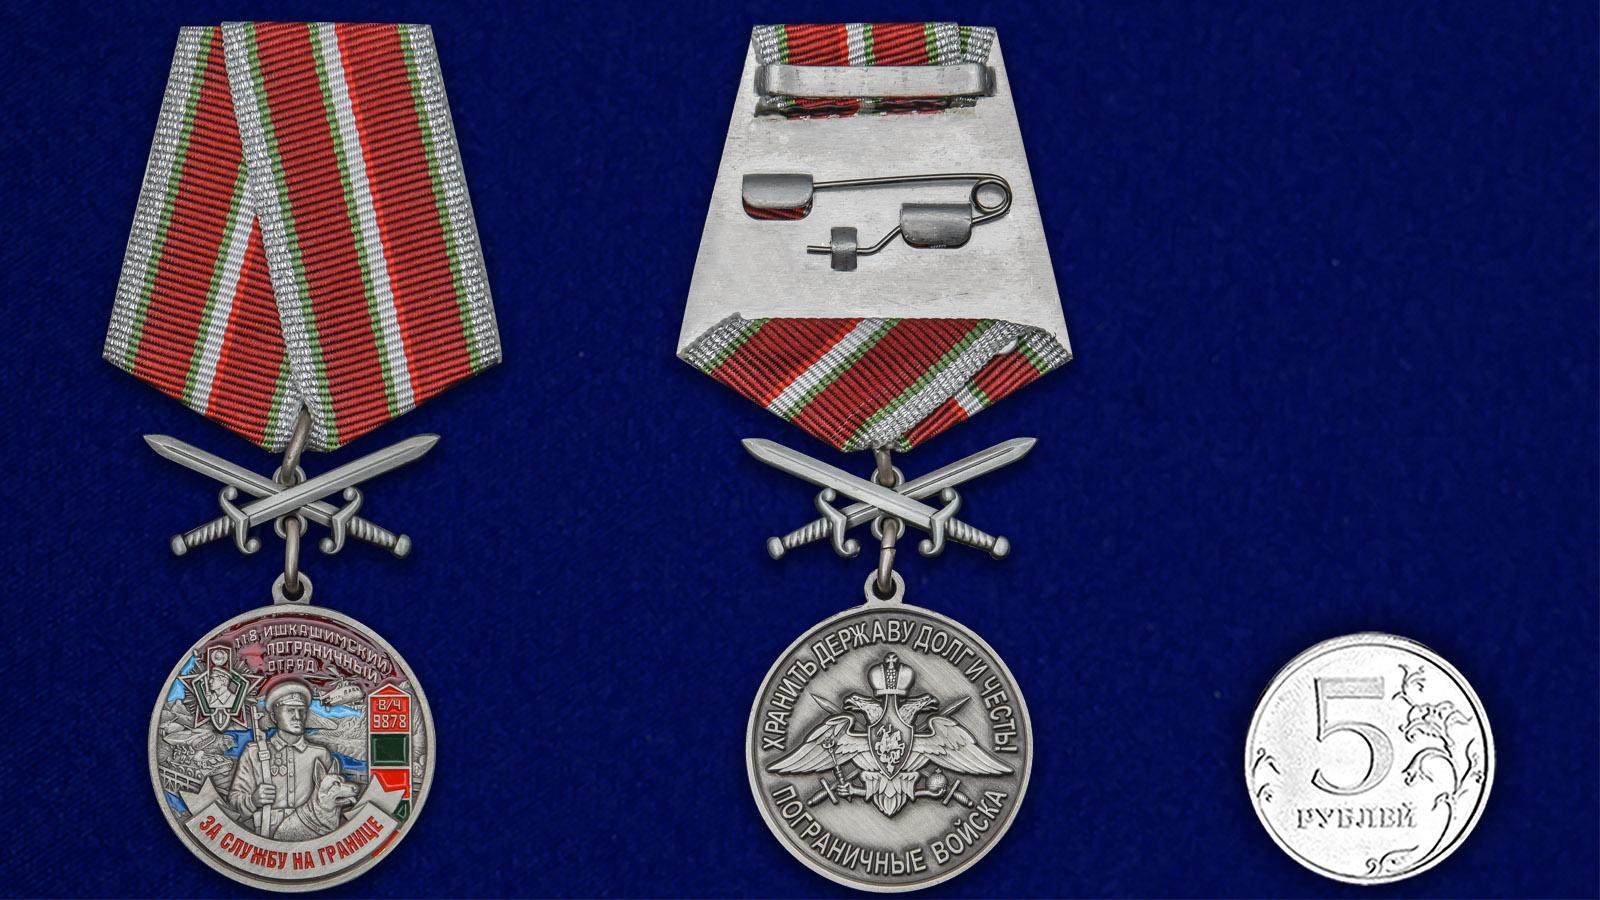 Латунная медаль За службу в Ишкашимском пограничном отряде - сравнительный вид